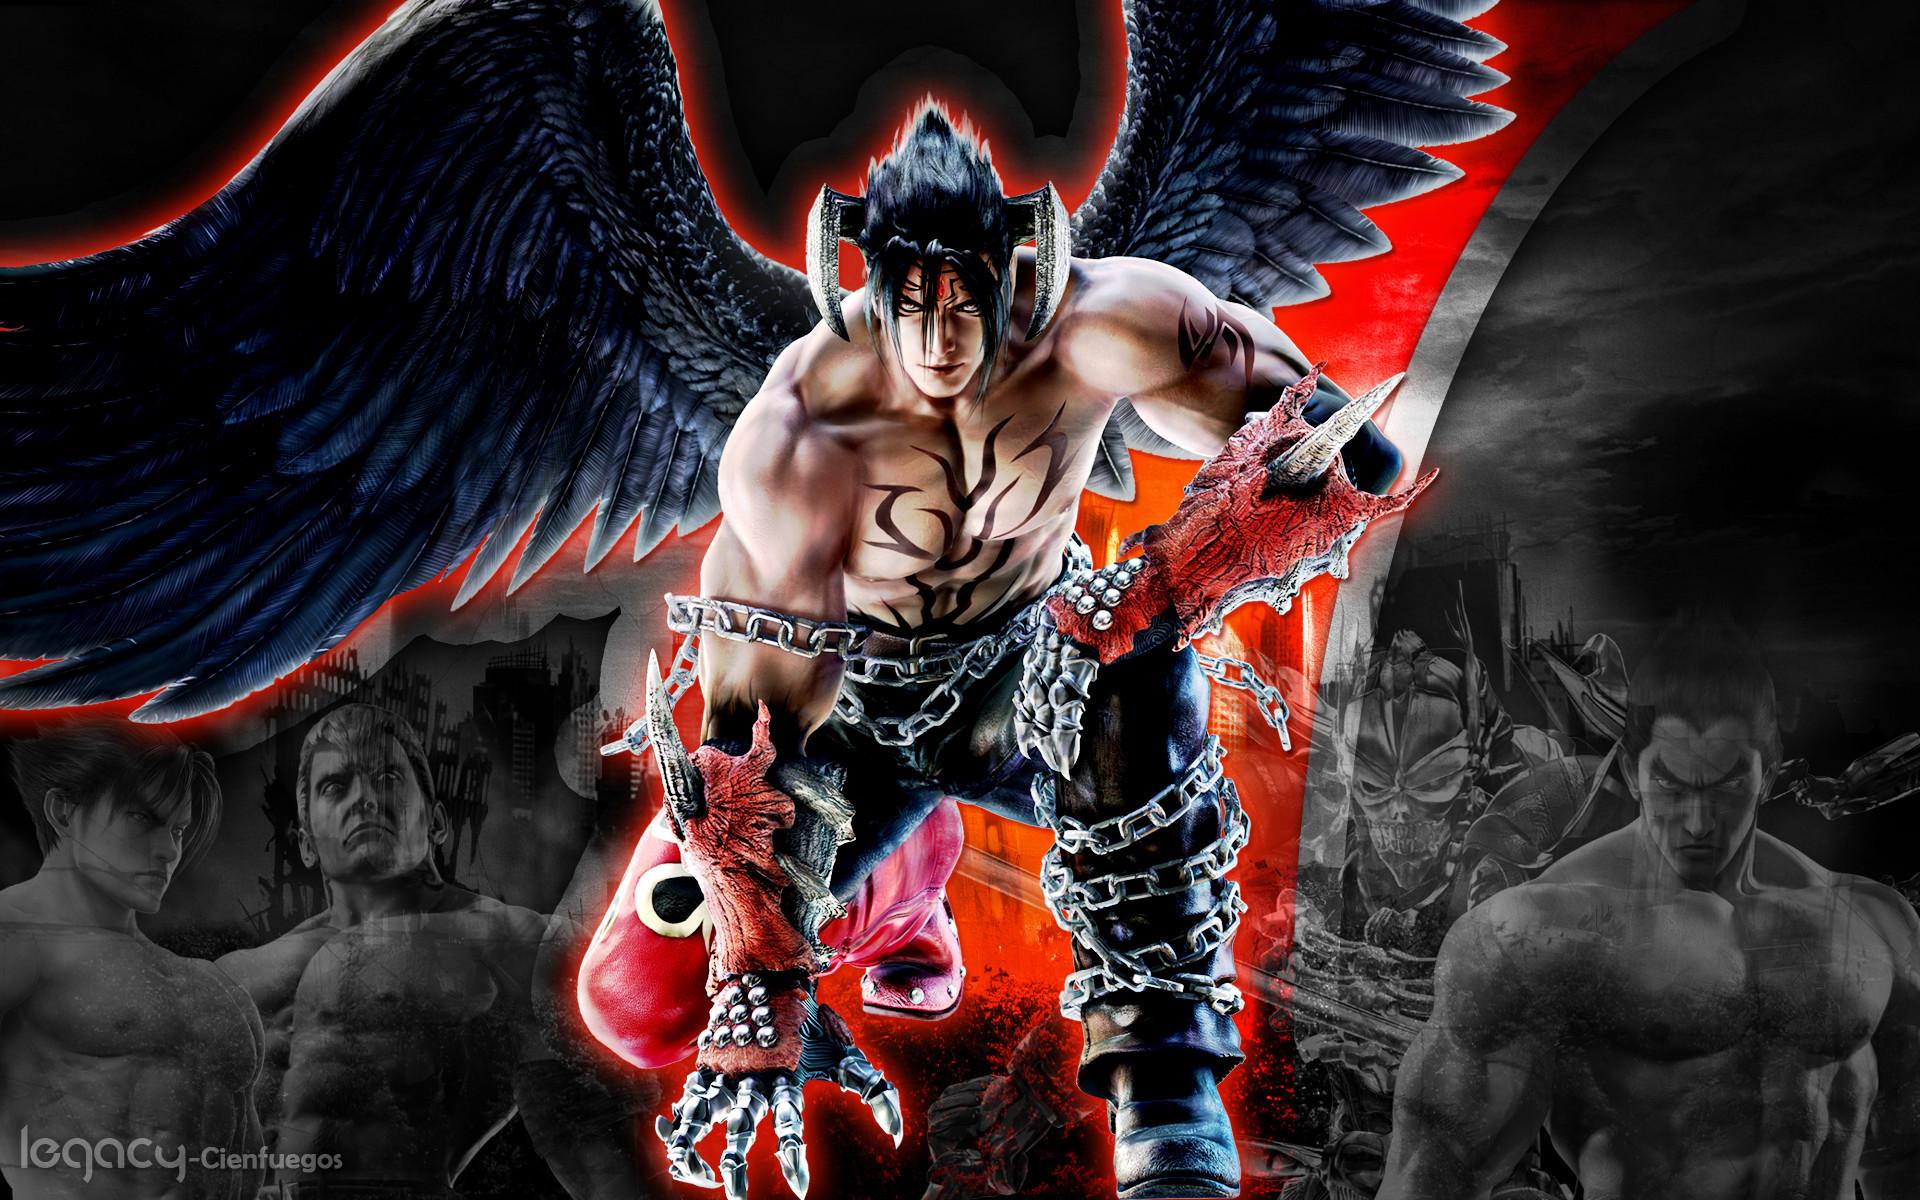 Jin Kazama Devil Wallpaper 64 Images